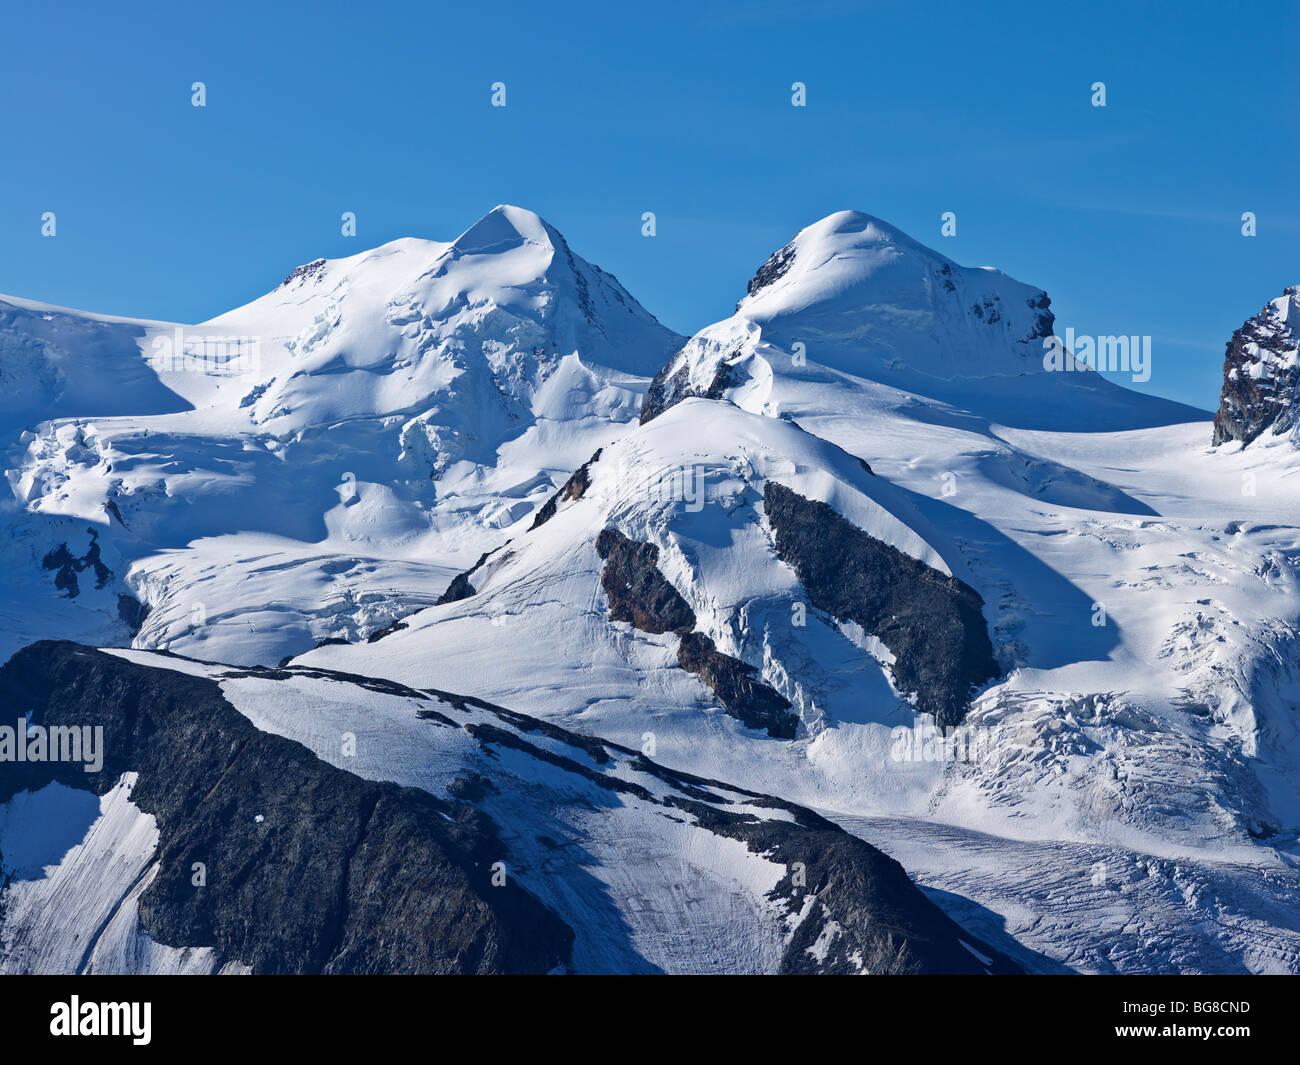 Schweiz, Wallis, Zermatt, Gornergrat Gipfel des Mount Liskamm und Breithorn vom Gornergrat aus gesehen Stockbild